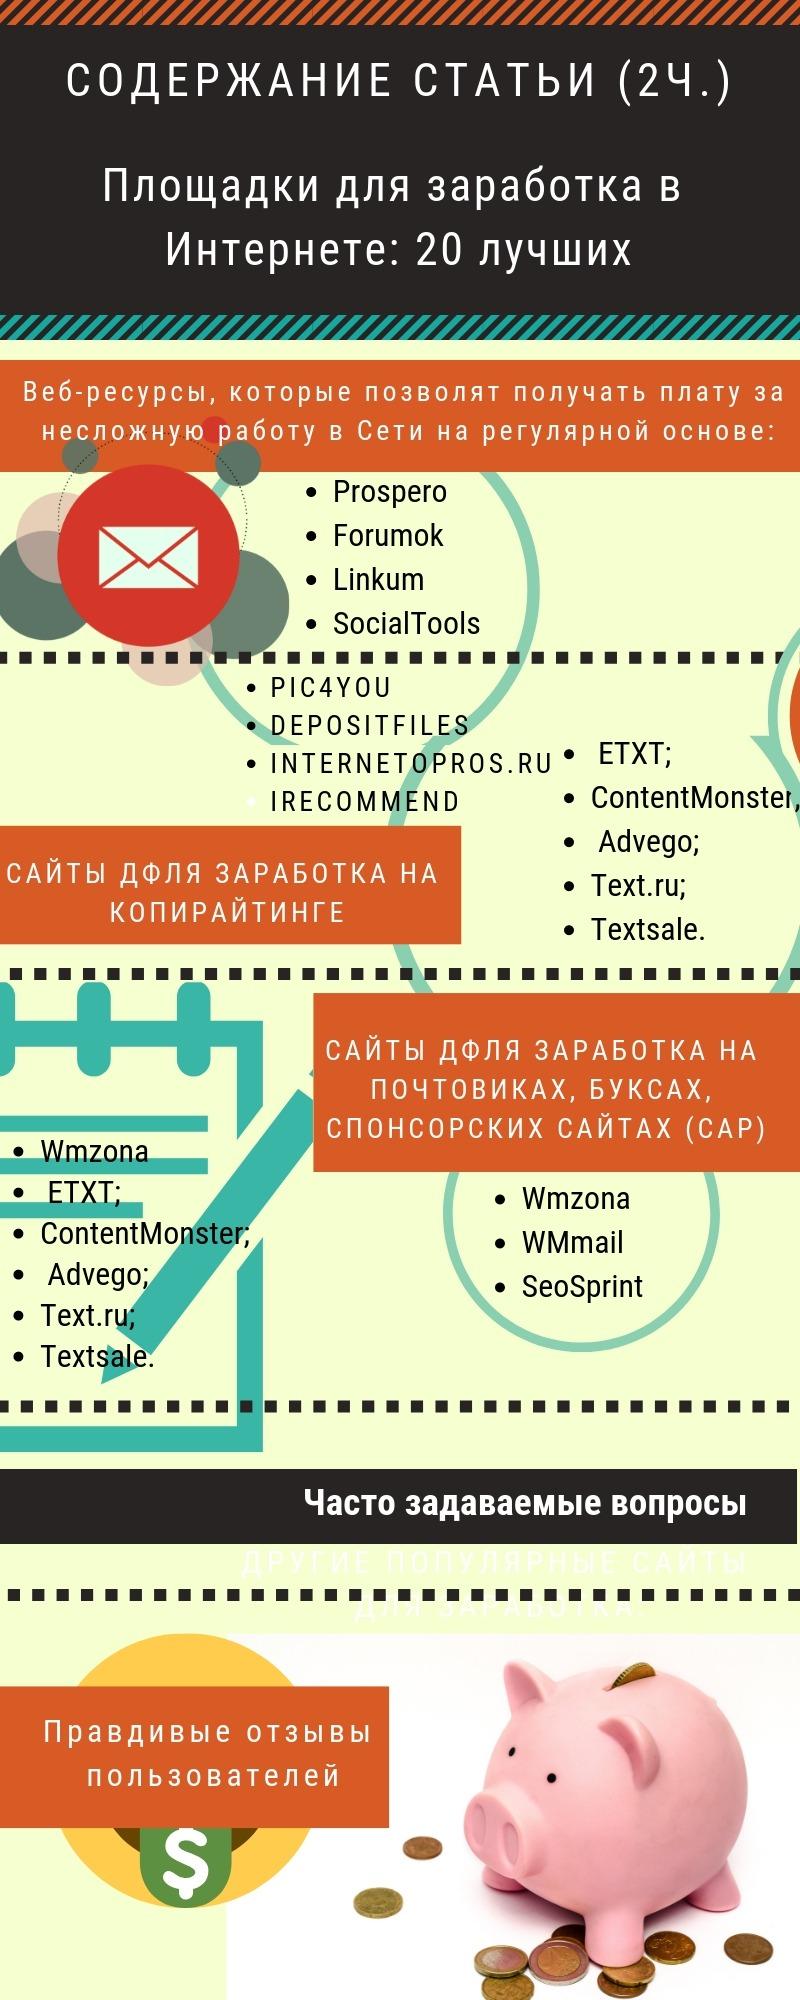 Как_заработать_в_Интернете;_34 способа_заработка_без_вложений_kakzarabotat.net